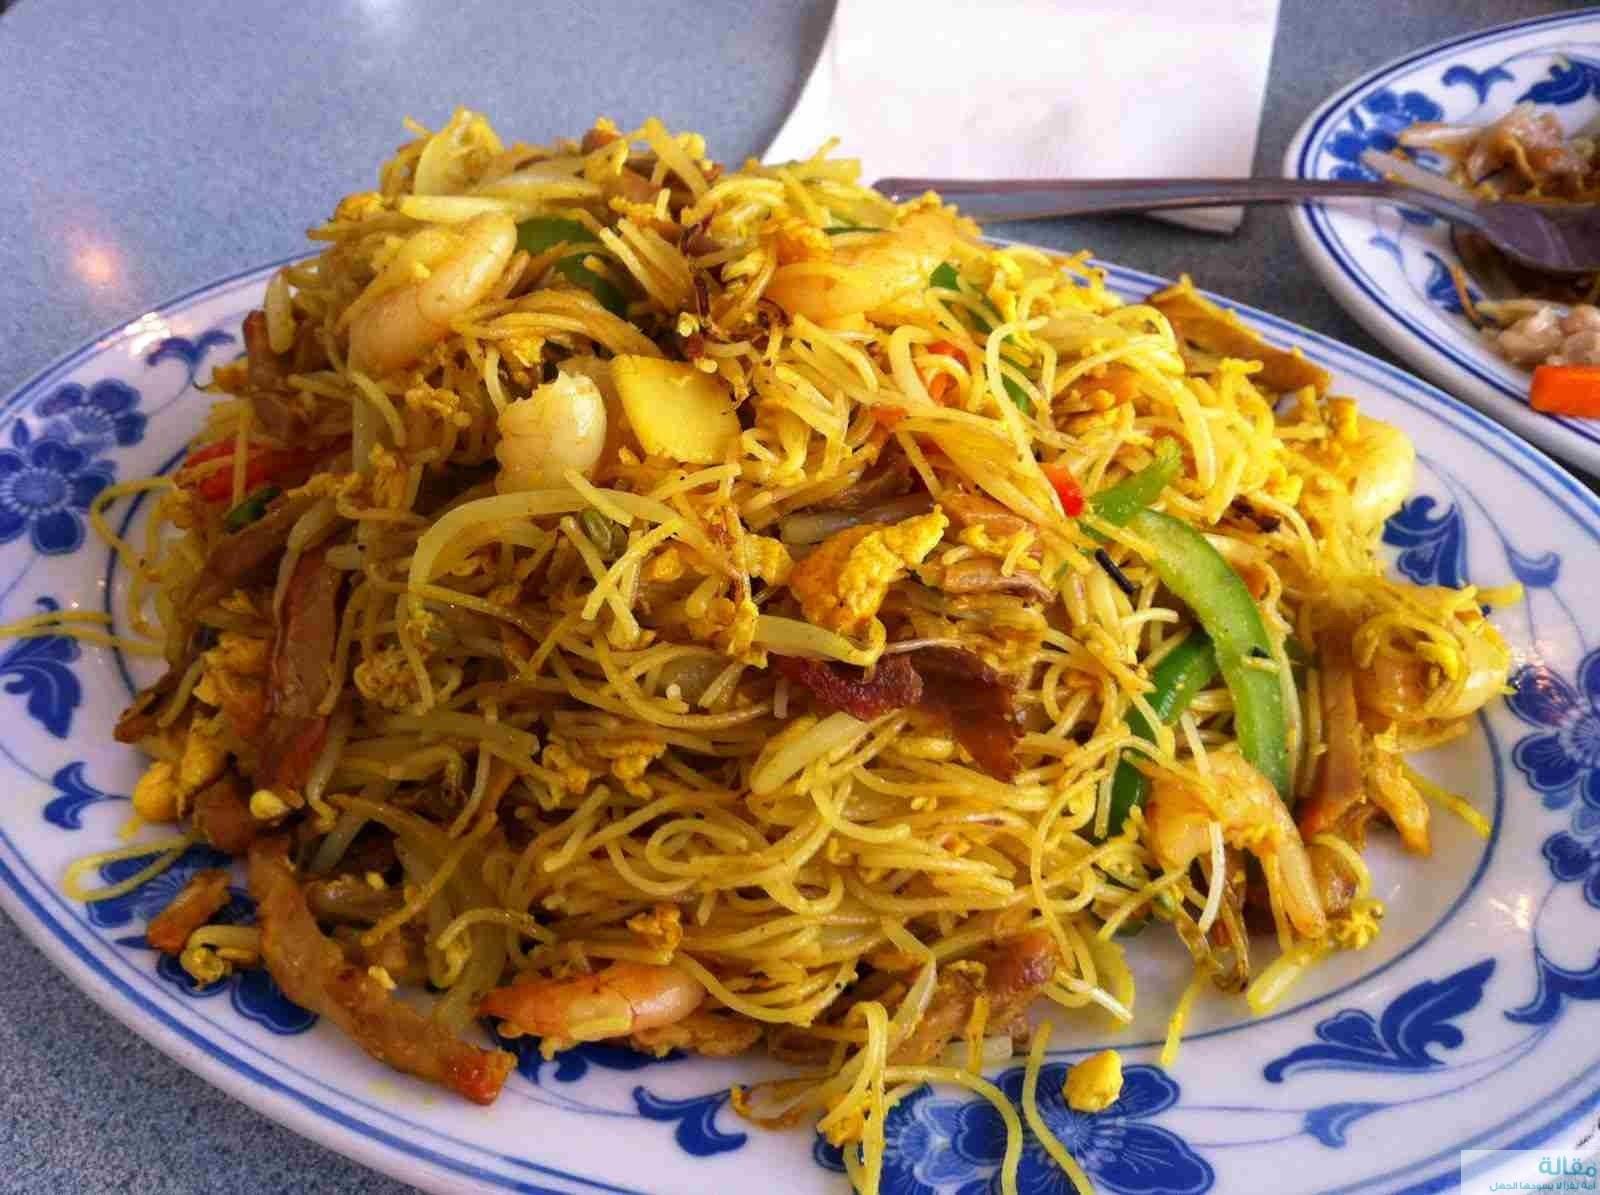 19690 shrimp salad with noodles for diet - سلطة الربيان مع النودلز للرجيم